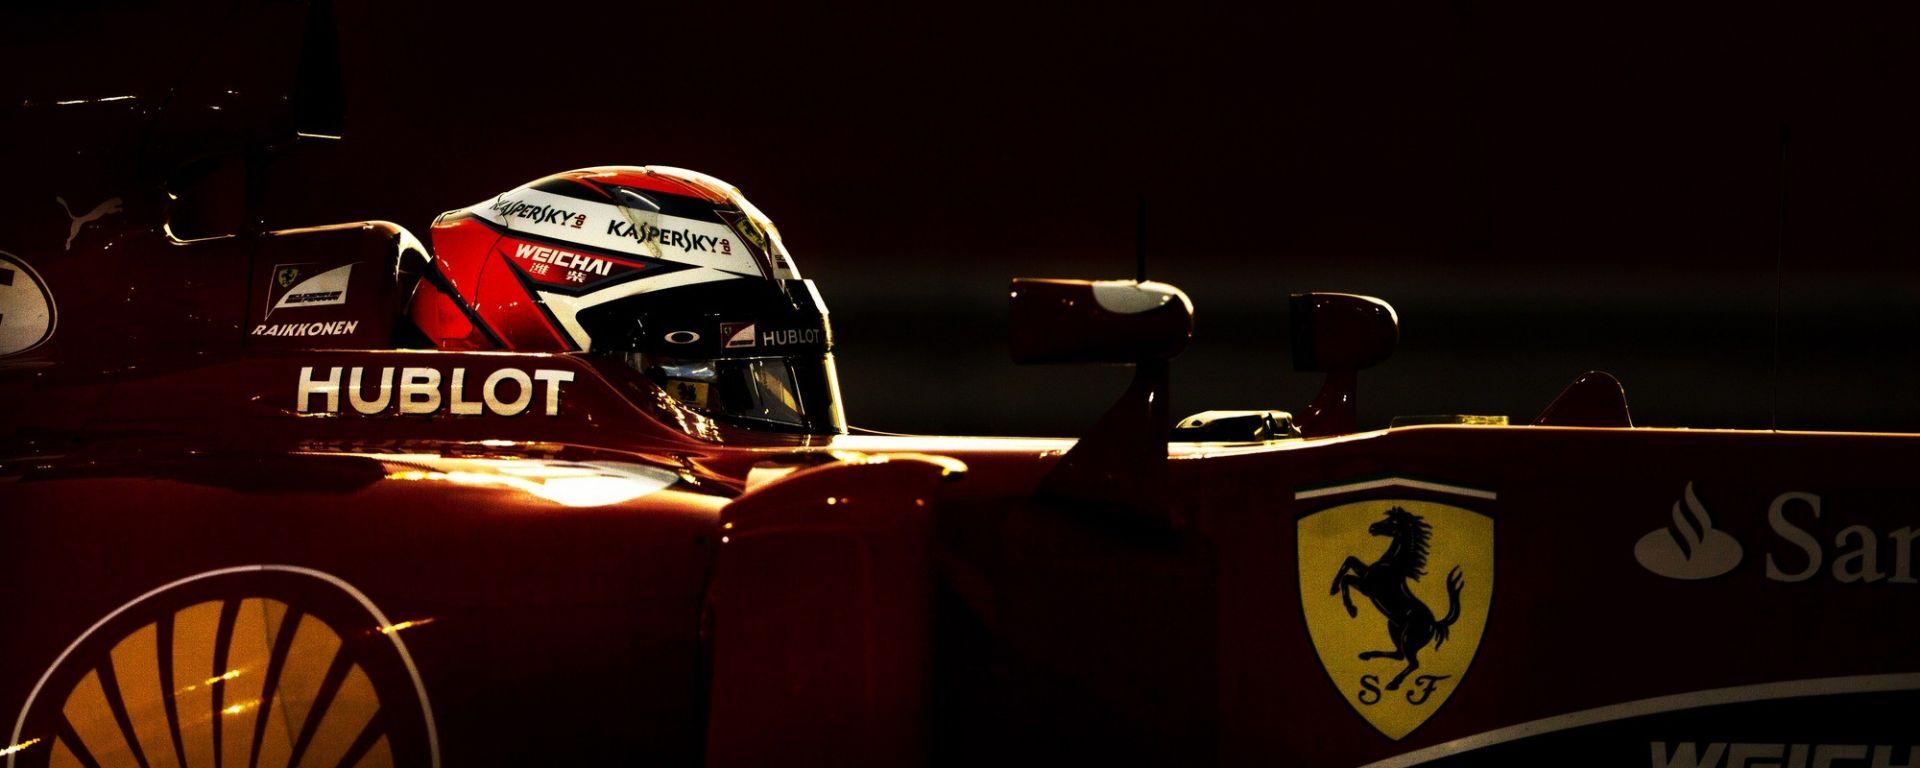 Scuderia Ferrari, Raikkonen